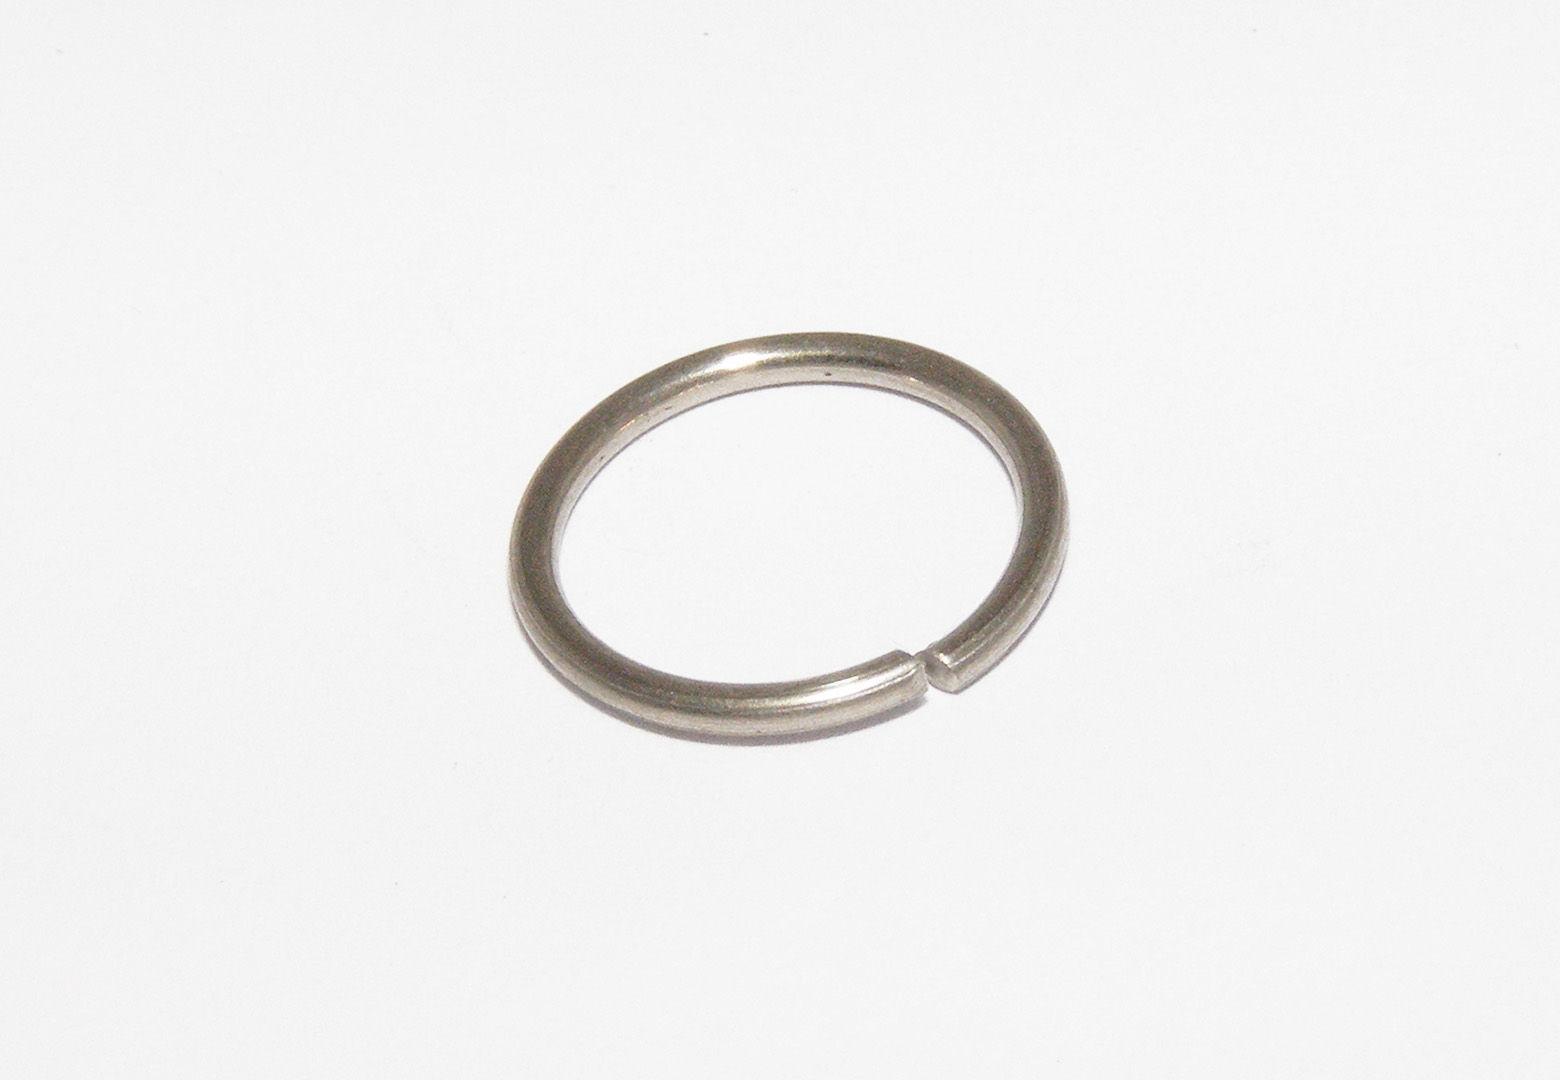 snap rings external emmett enterprises